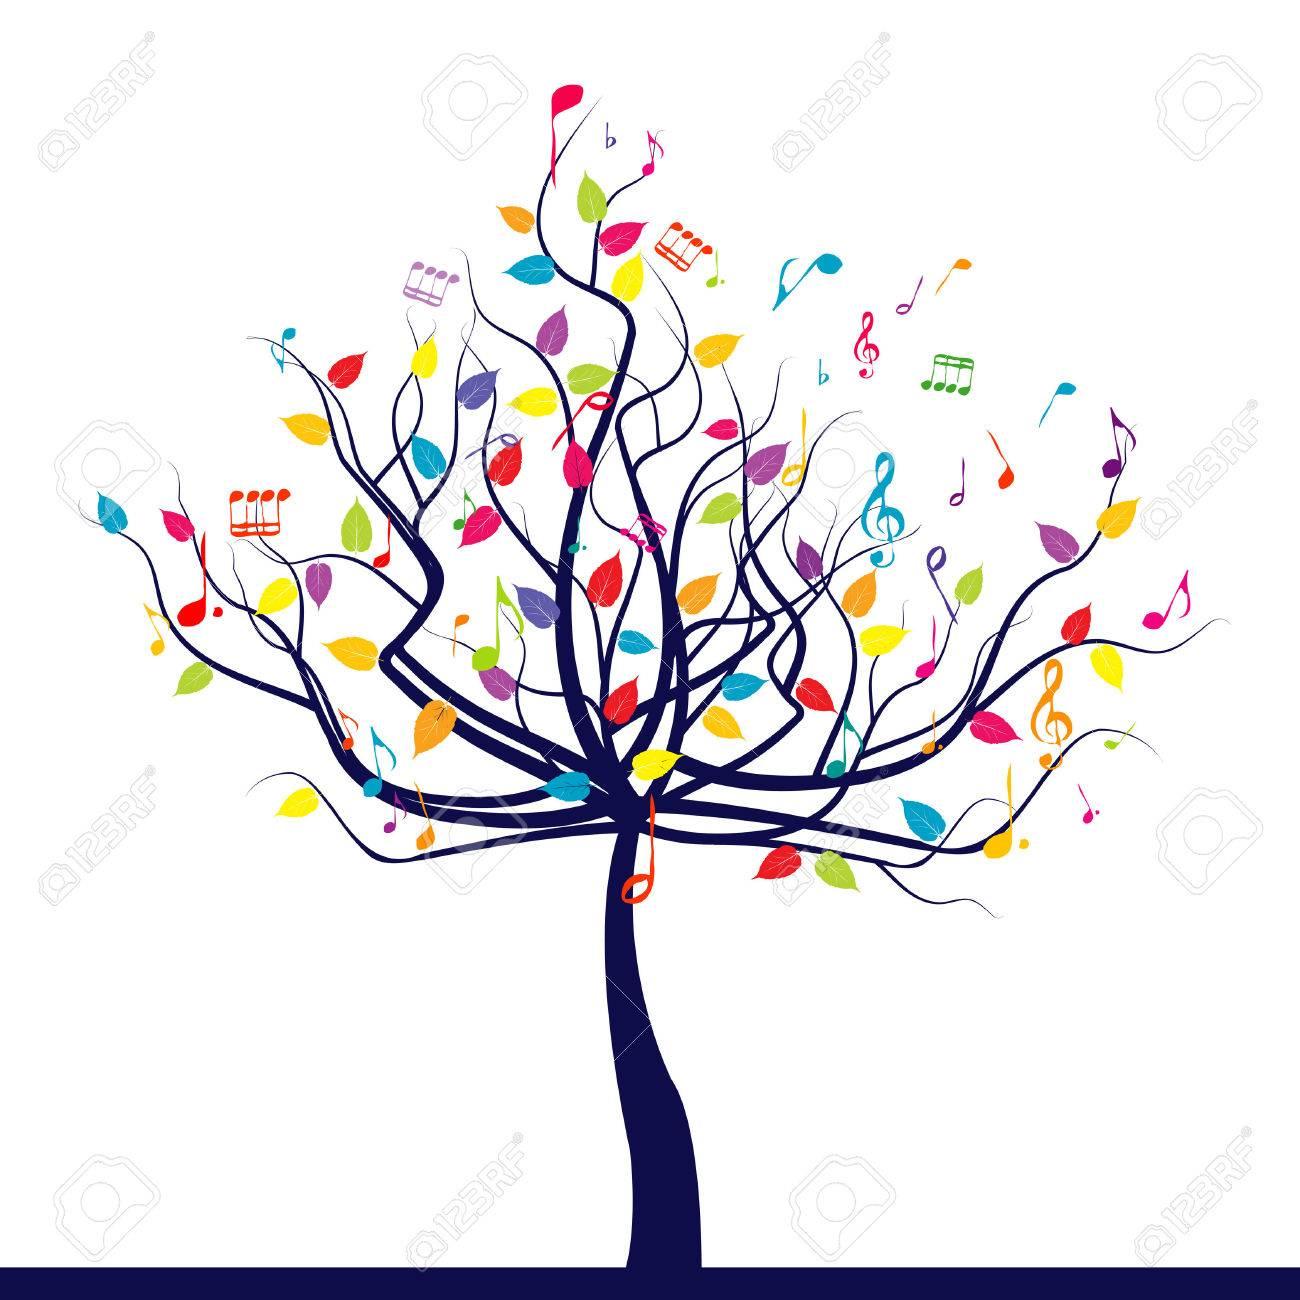 幸せな音楽の木のイラスト素材ベクタ Image 47929076